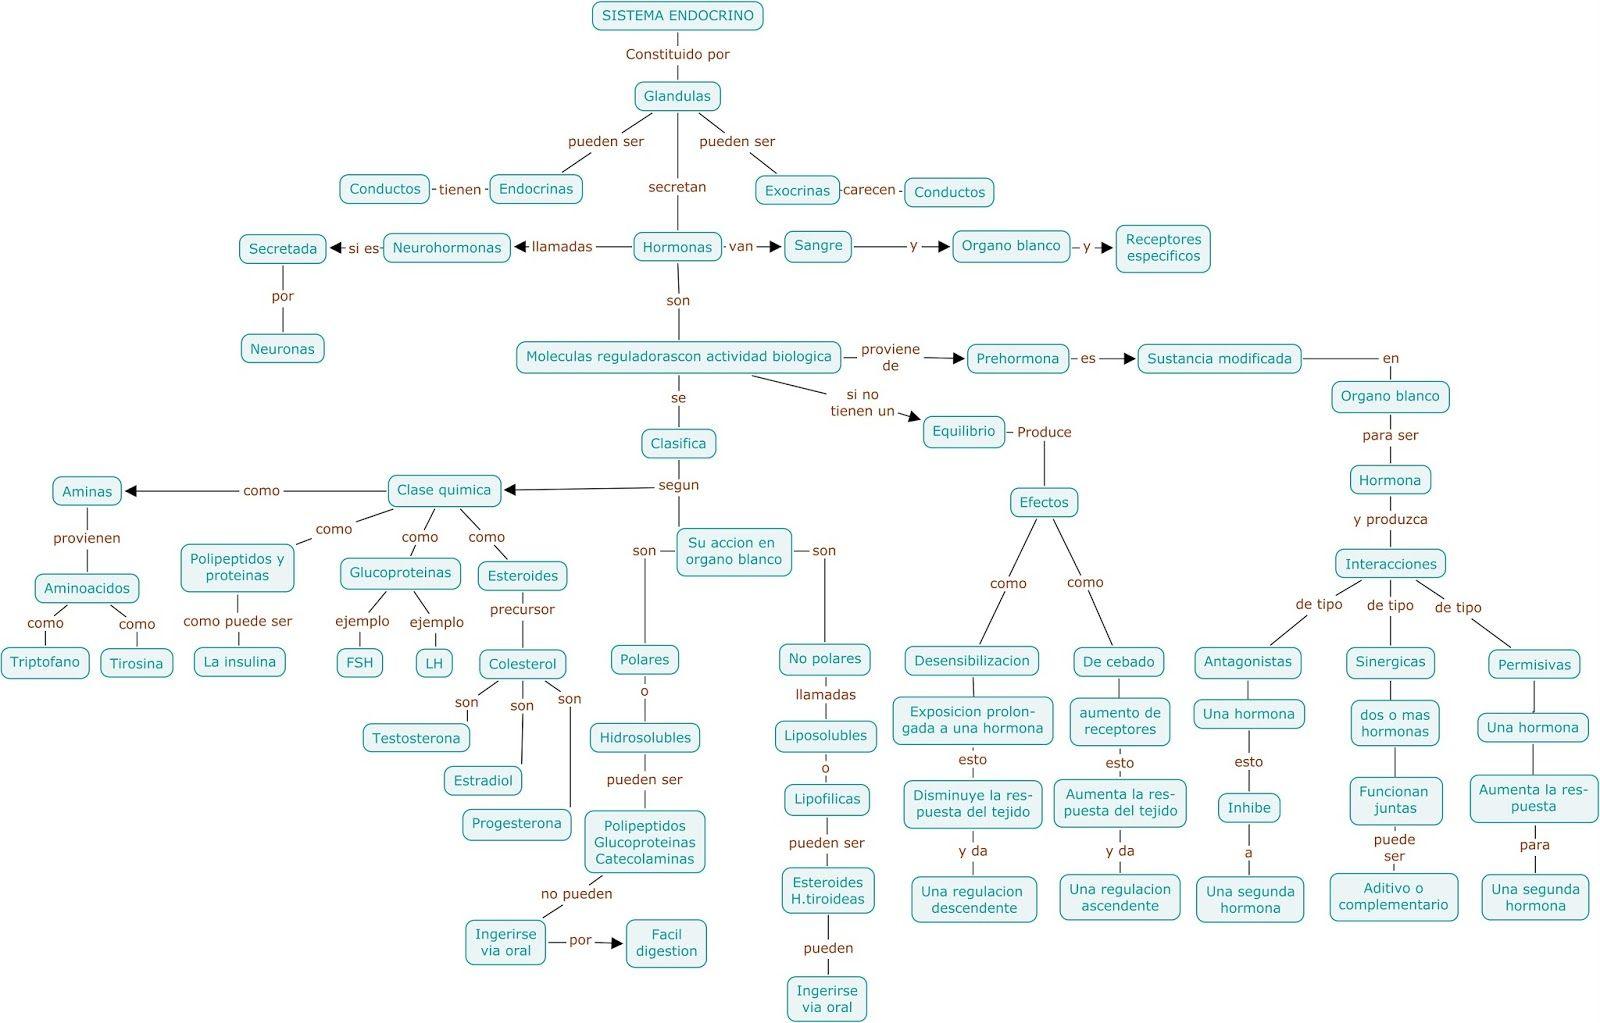 Resultado de imagen para sistemas endocrino mapa conceptual ...